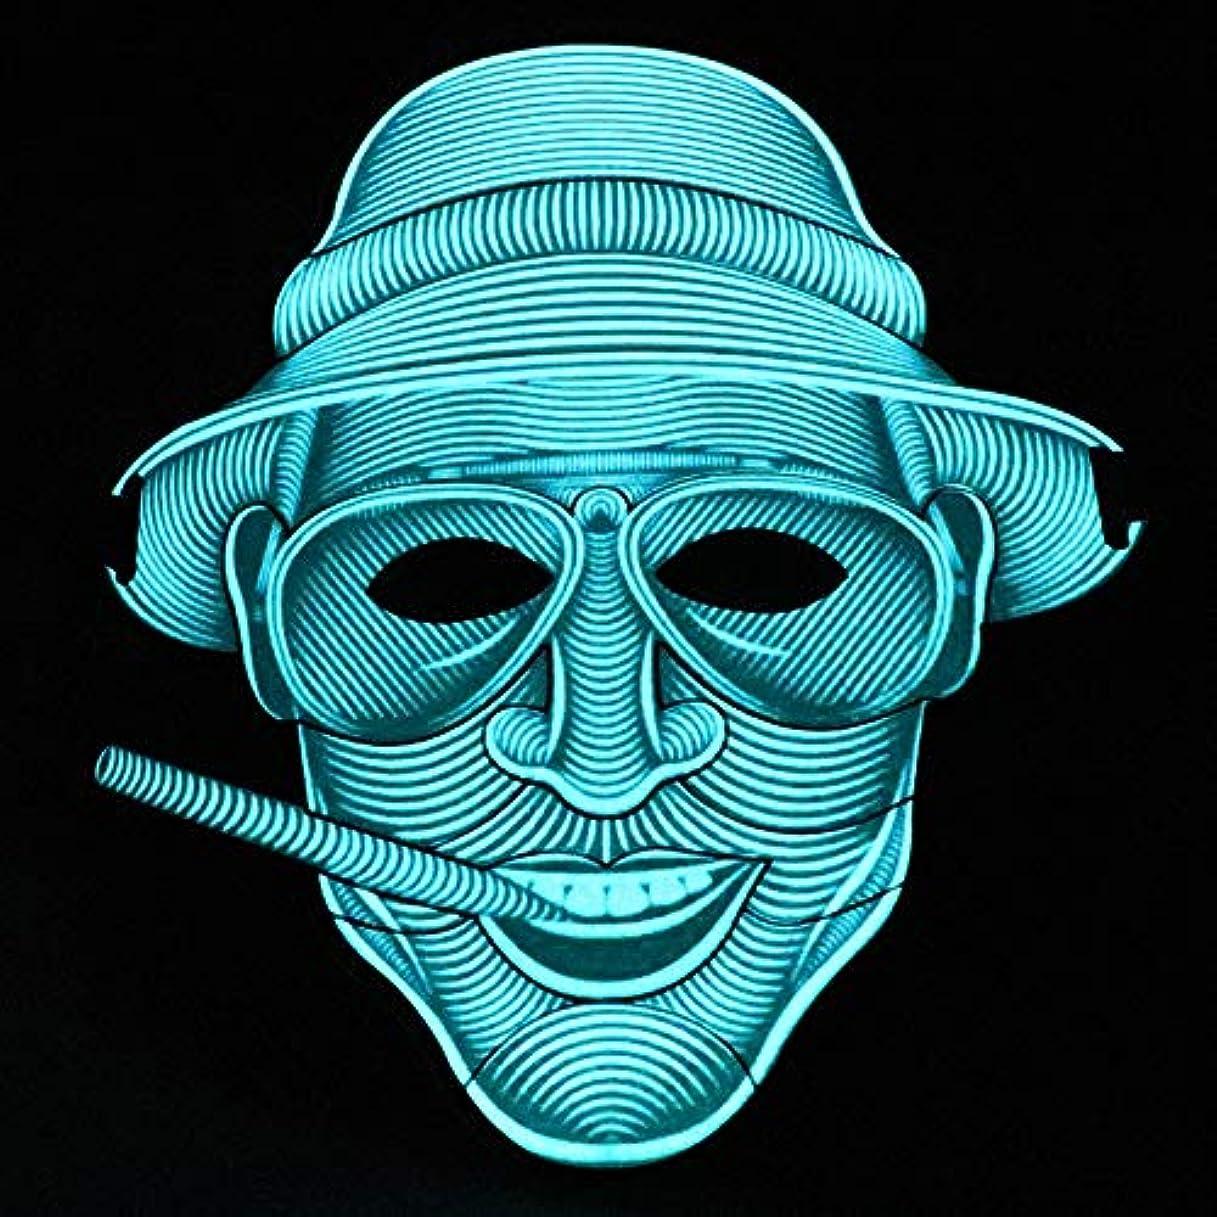 存在するブランチバルク照らされたマスクLED創造的な冷光音響制御マスクハロウィンバーフェスティバルダンスマスク (Color : #19)